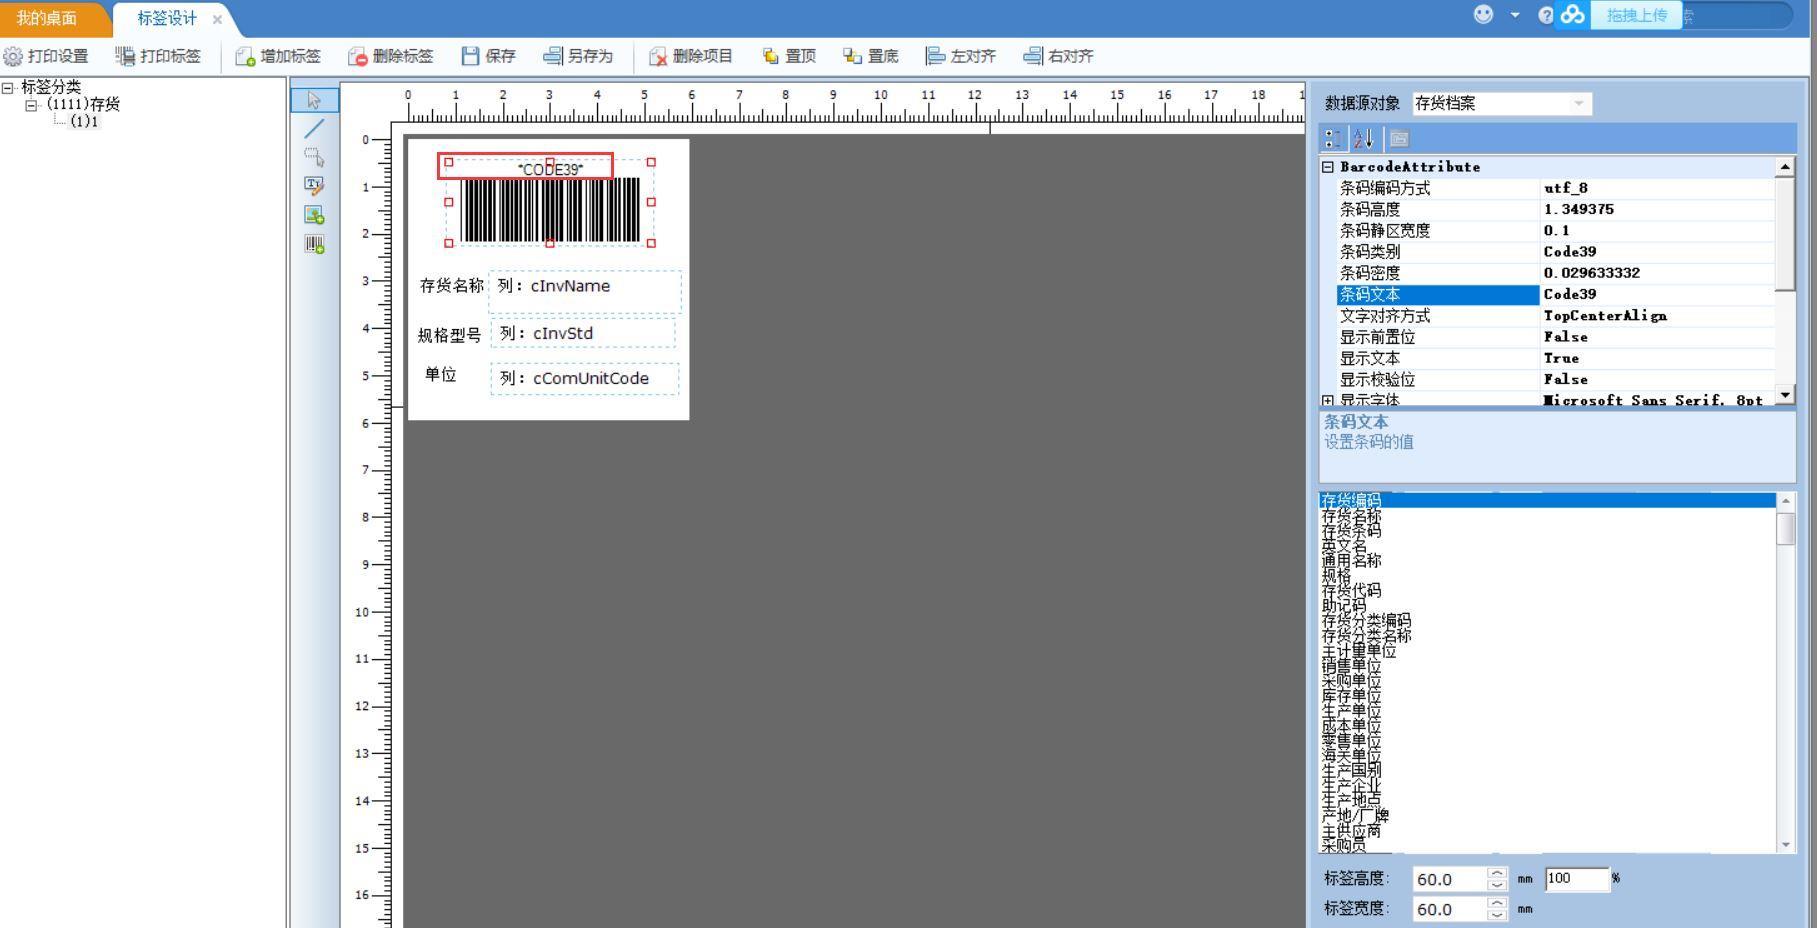 erp外贸管理系统的相关图片